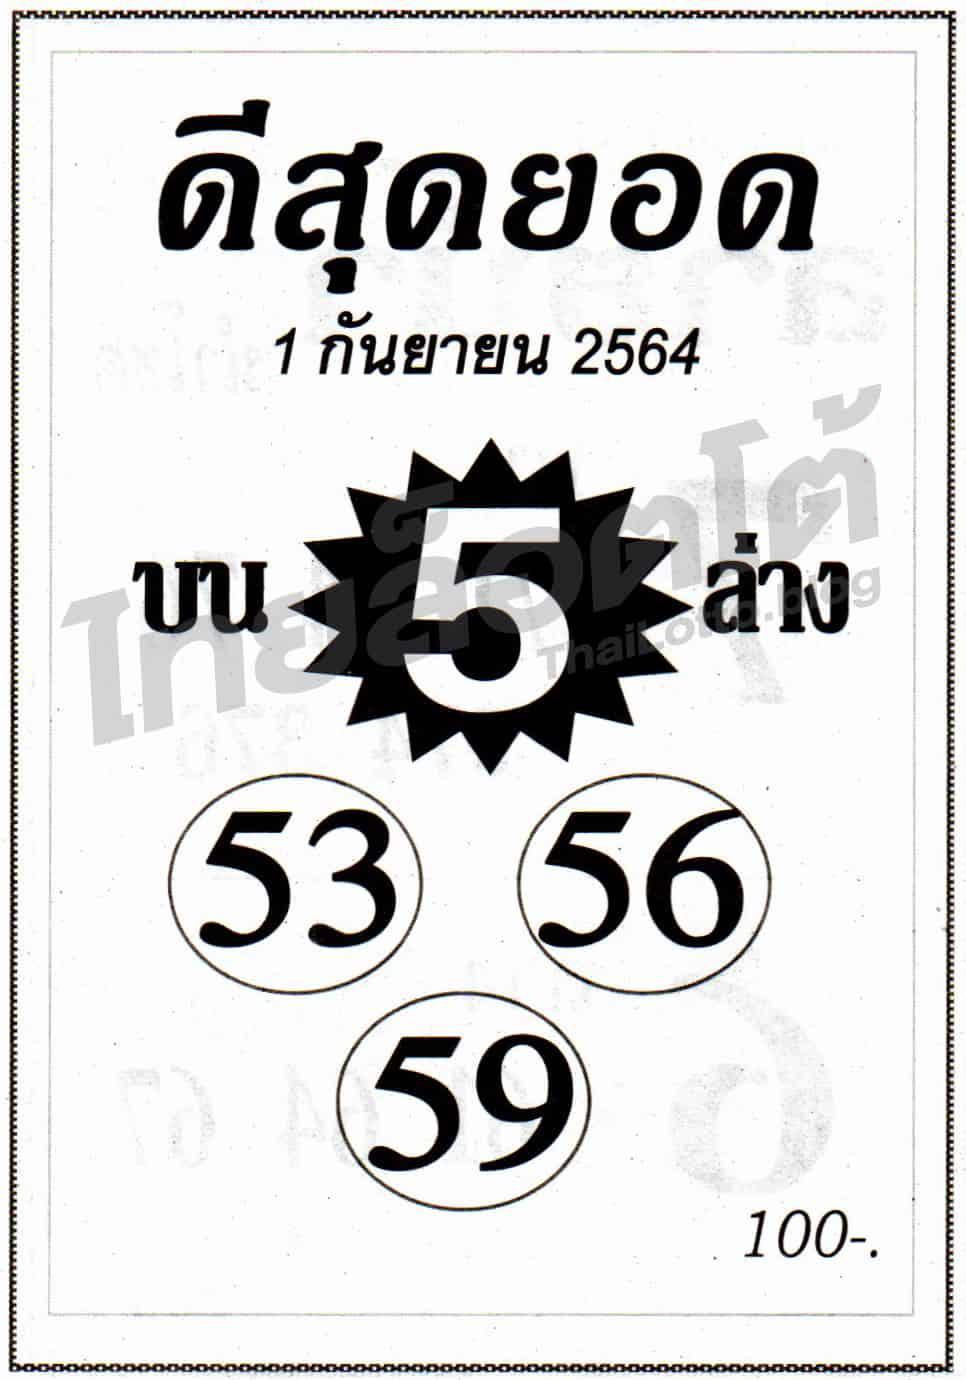 หวยซอง หวยดีสุดยอด-010964